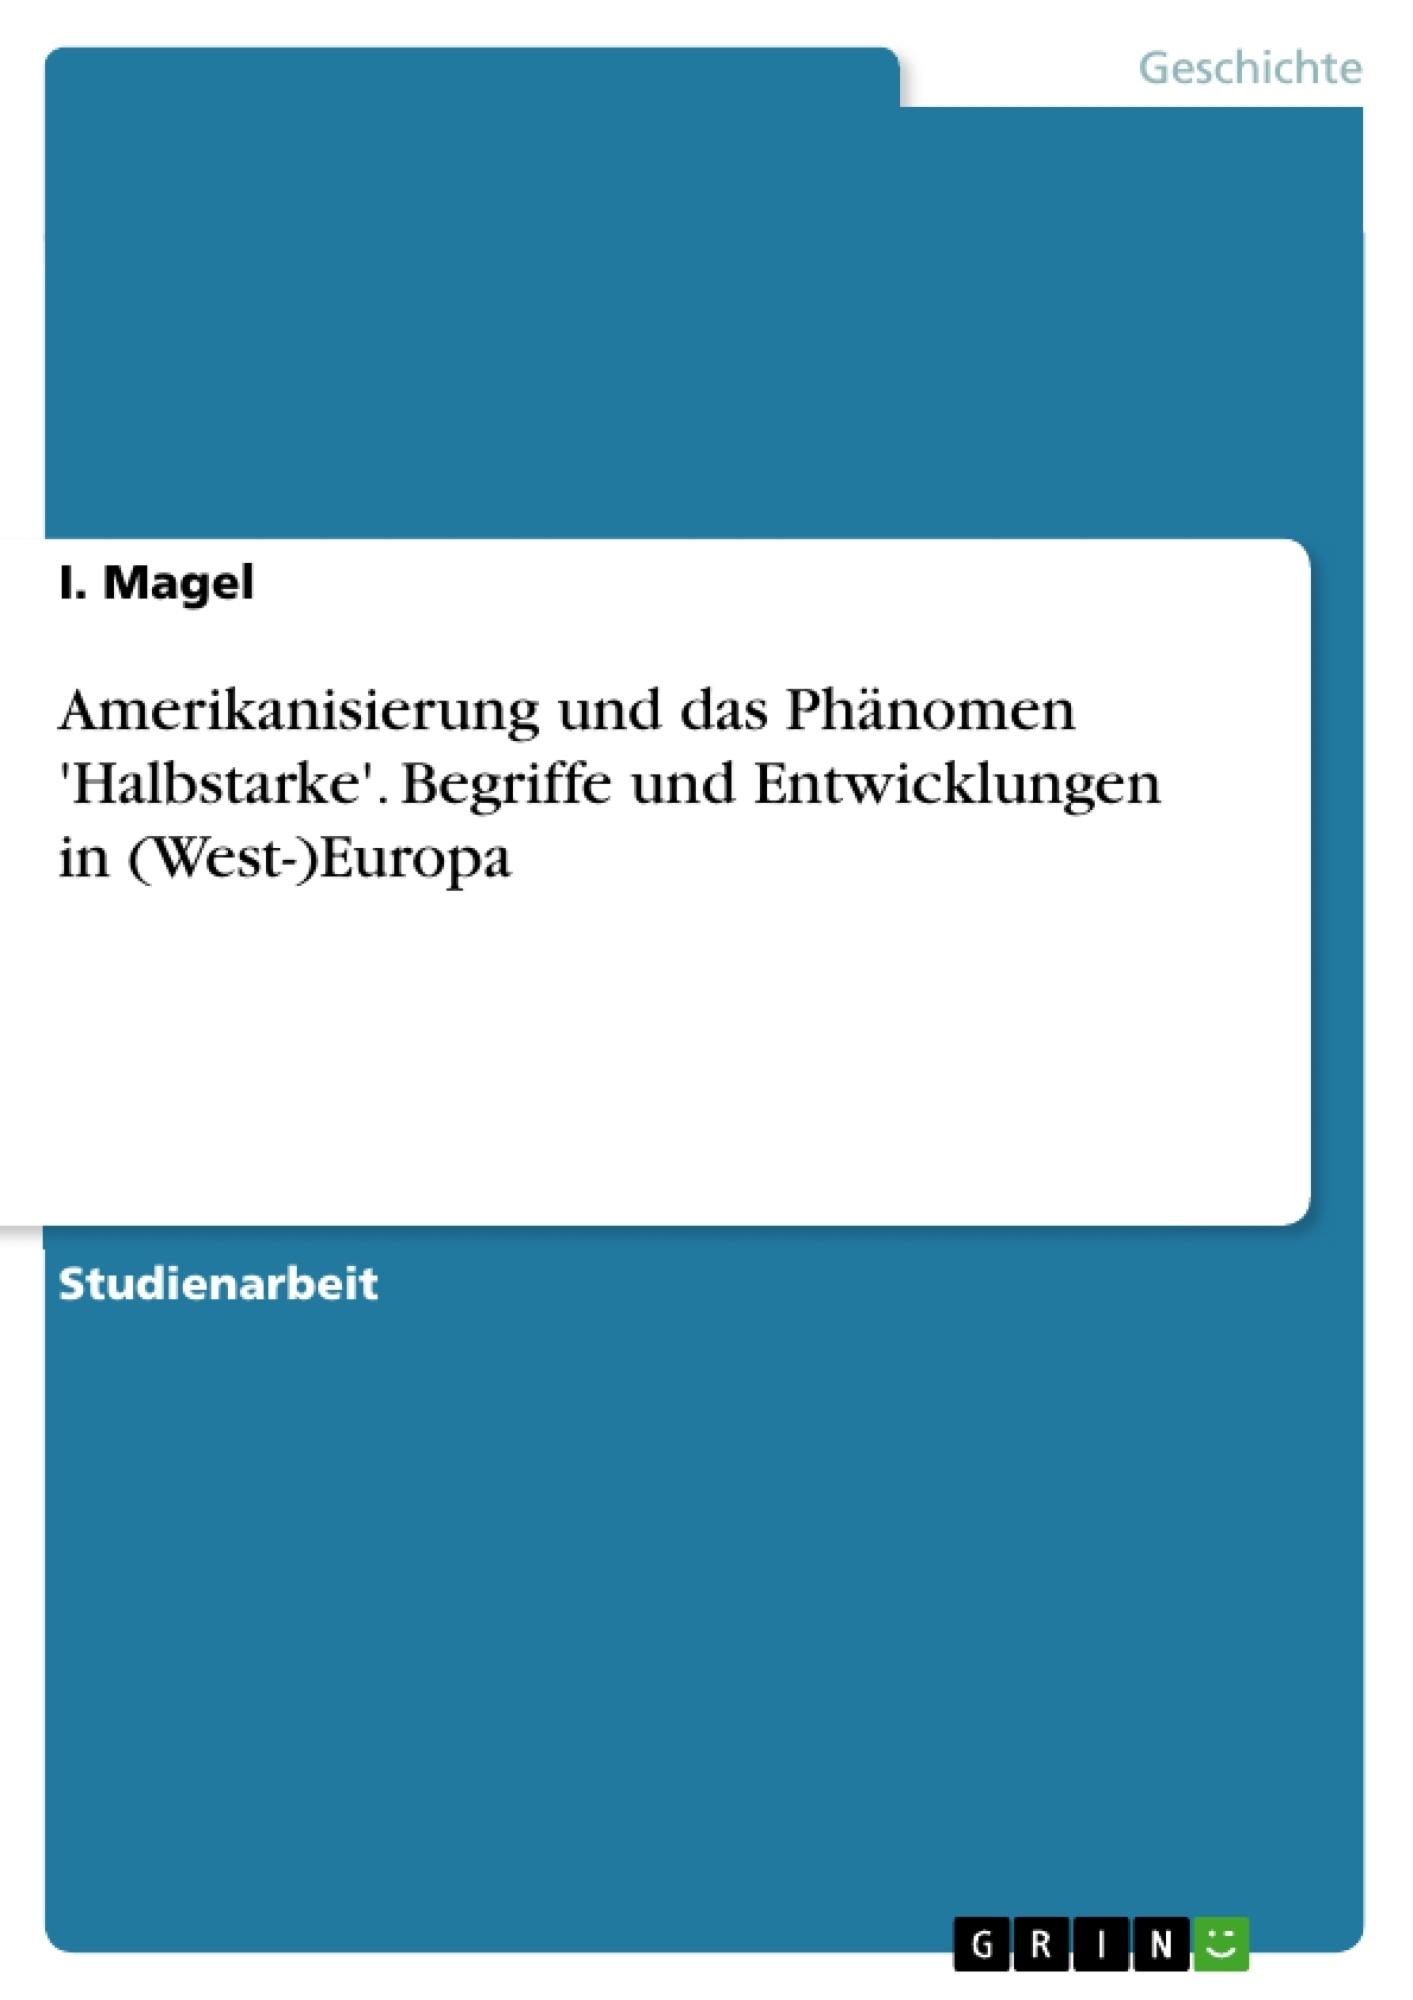 Titel: Amerikanisierung und das Phänomen 'Halbstarke'. Begriffe und Entwicklungen in (West-)Europa